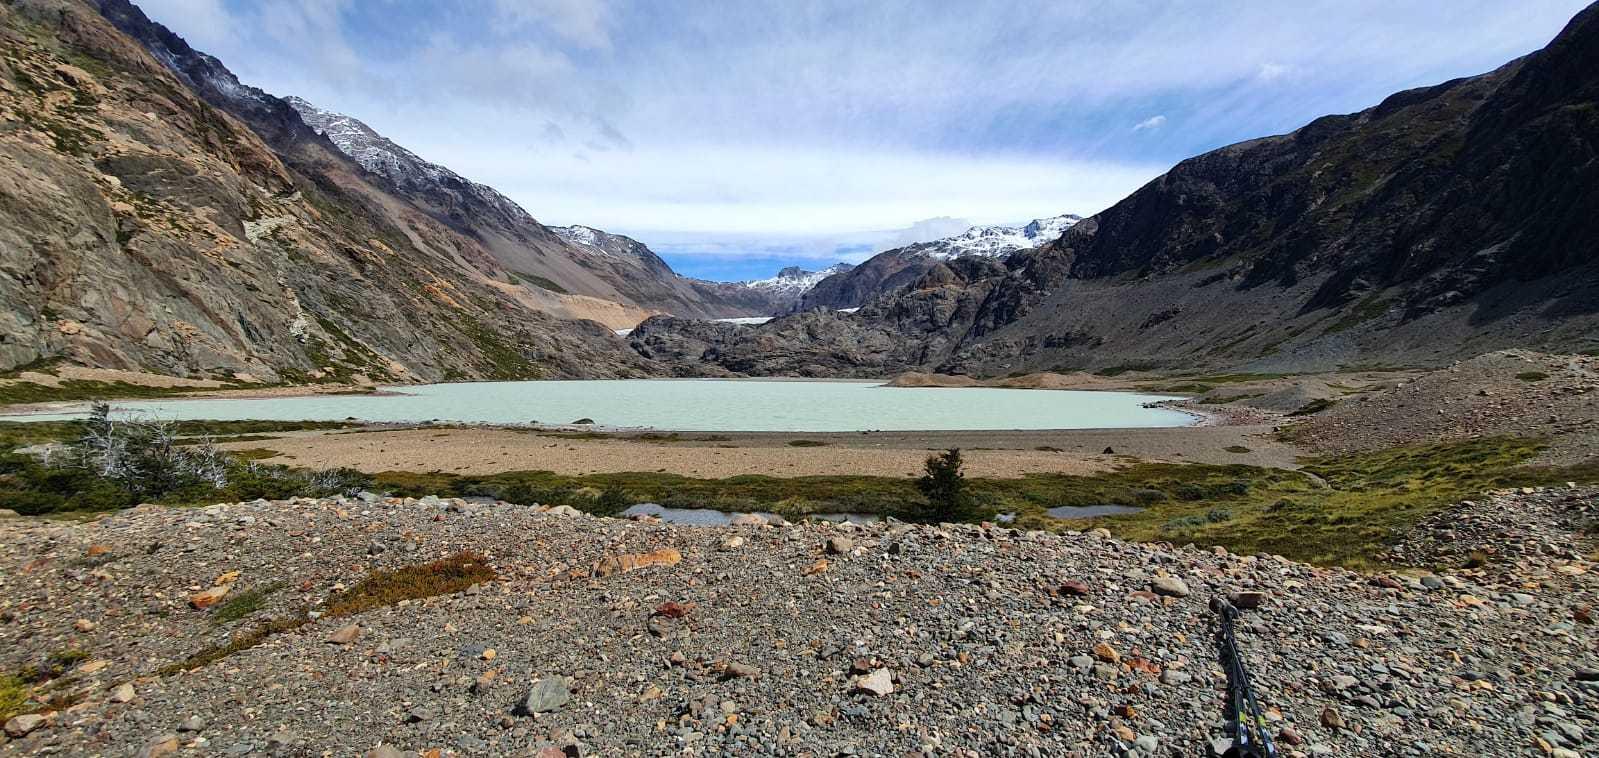 2020_Pre_Spedizioni_Bolivia_Patagonia-36